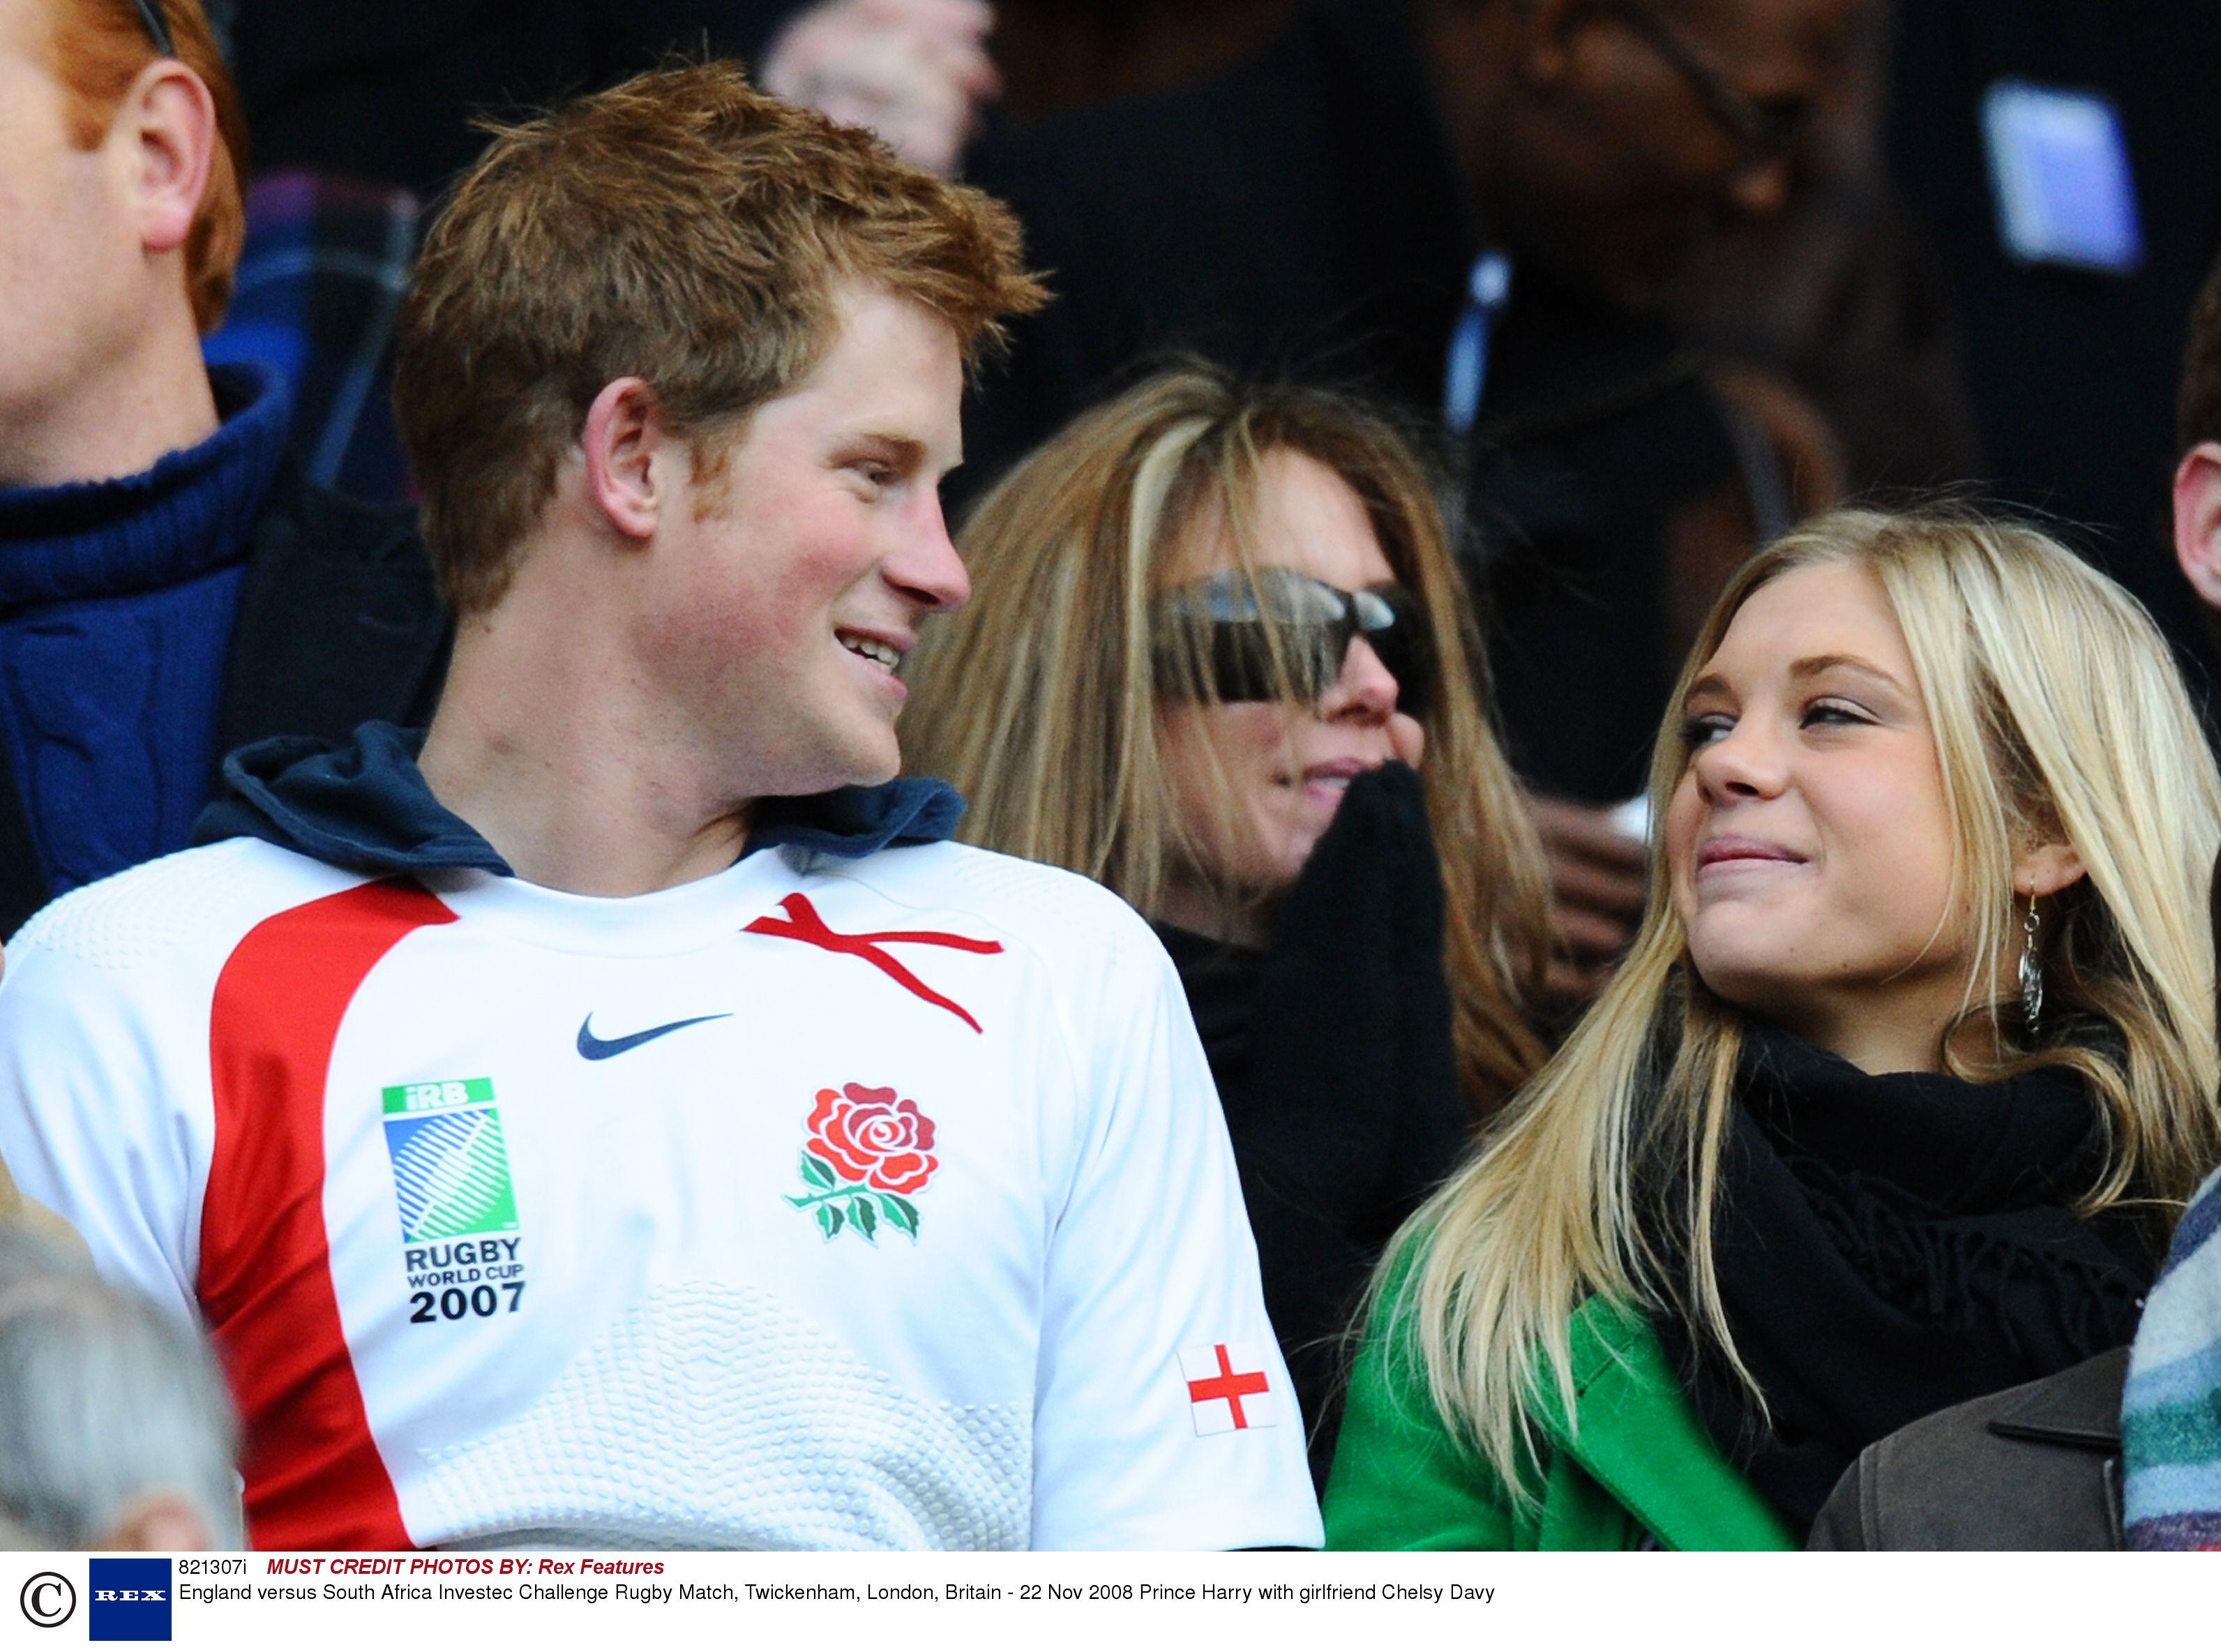 Książę Harry z Chelsy Davy na meczu rugby, 2008 r. (fot. Eastnews)